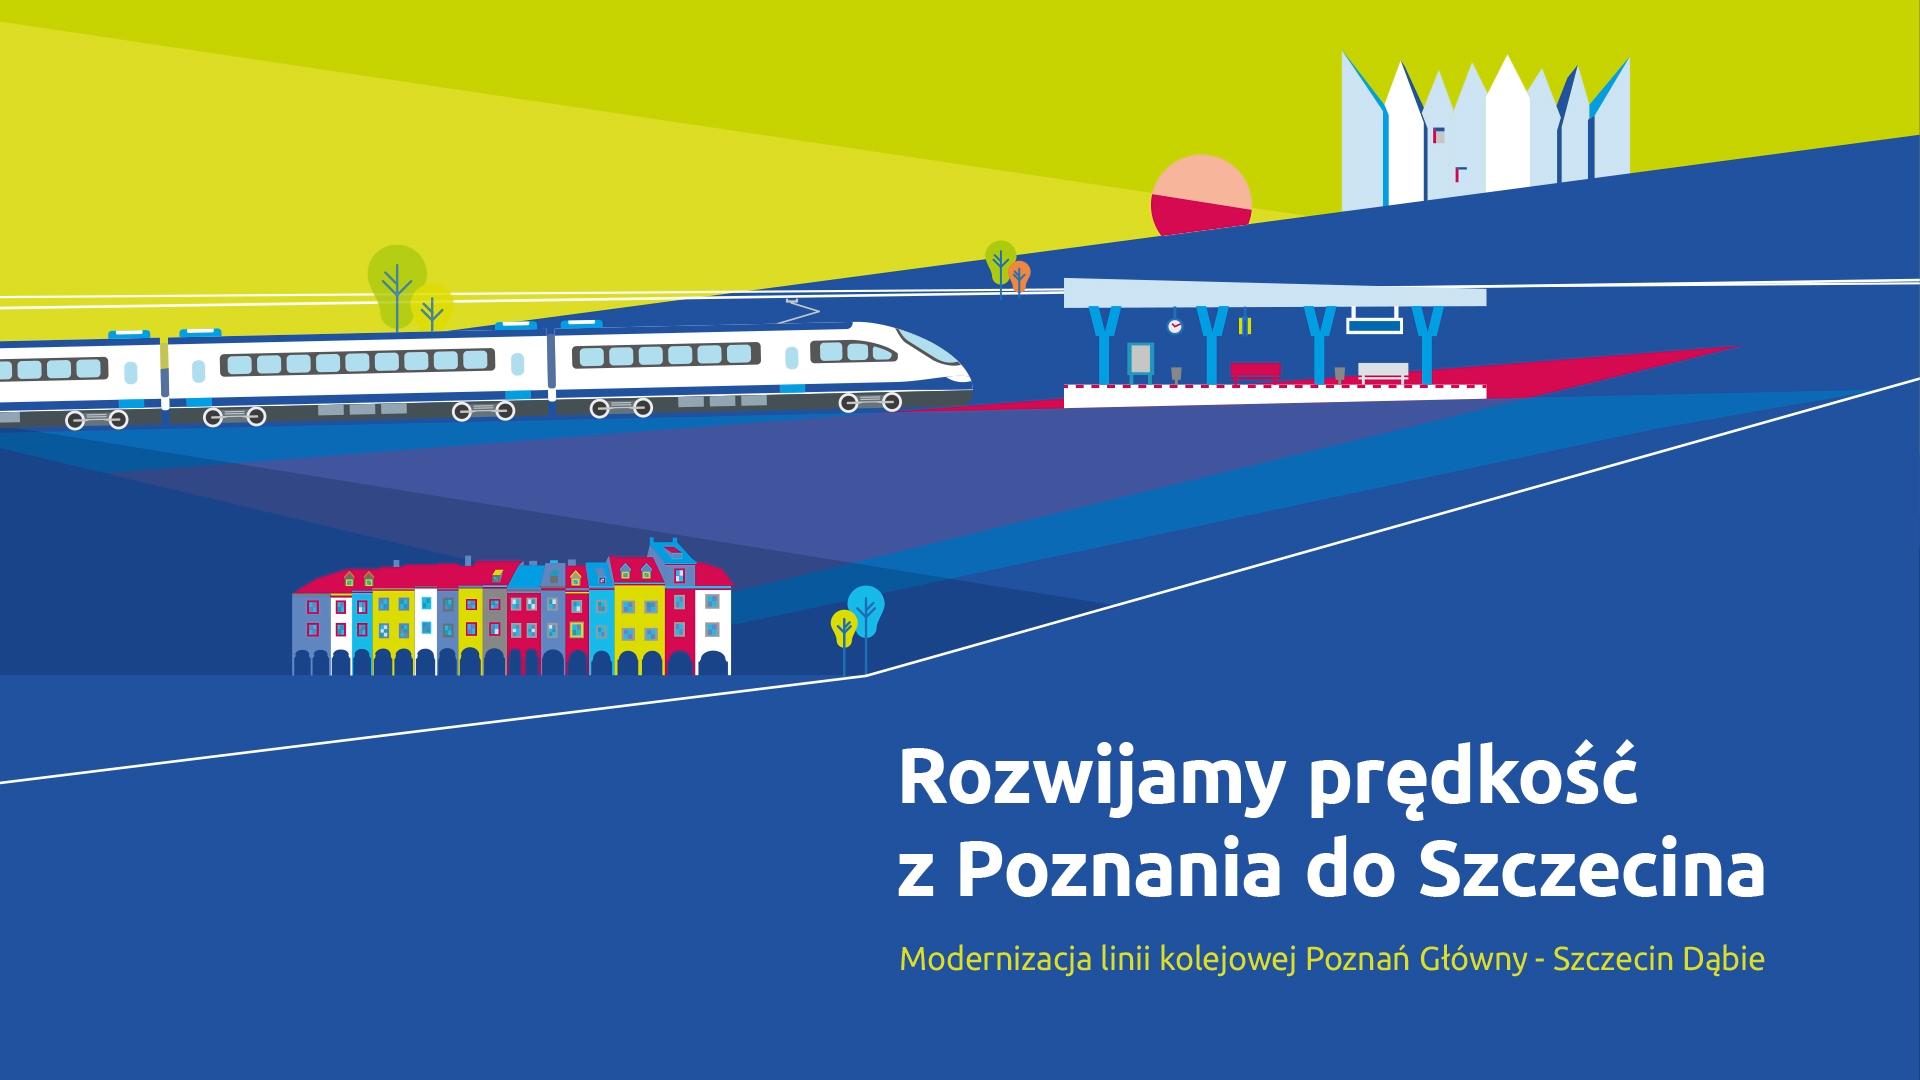 Miniatura filmu przedstawia planszę graficzną, na której pokazane są kolorowe kamienice oraz pociąg dojeżdżający do stacji. Film opowiada o wiosennych pracach na szlaku Poznań-Wronki w 2019 roku.